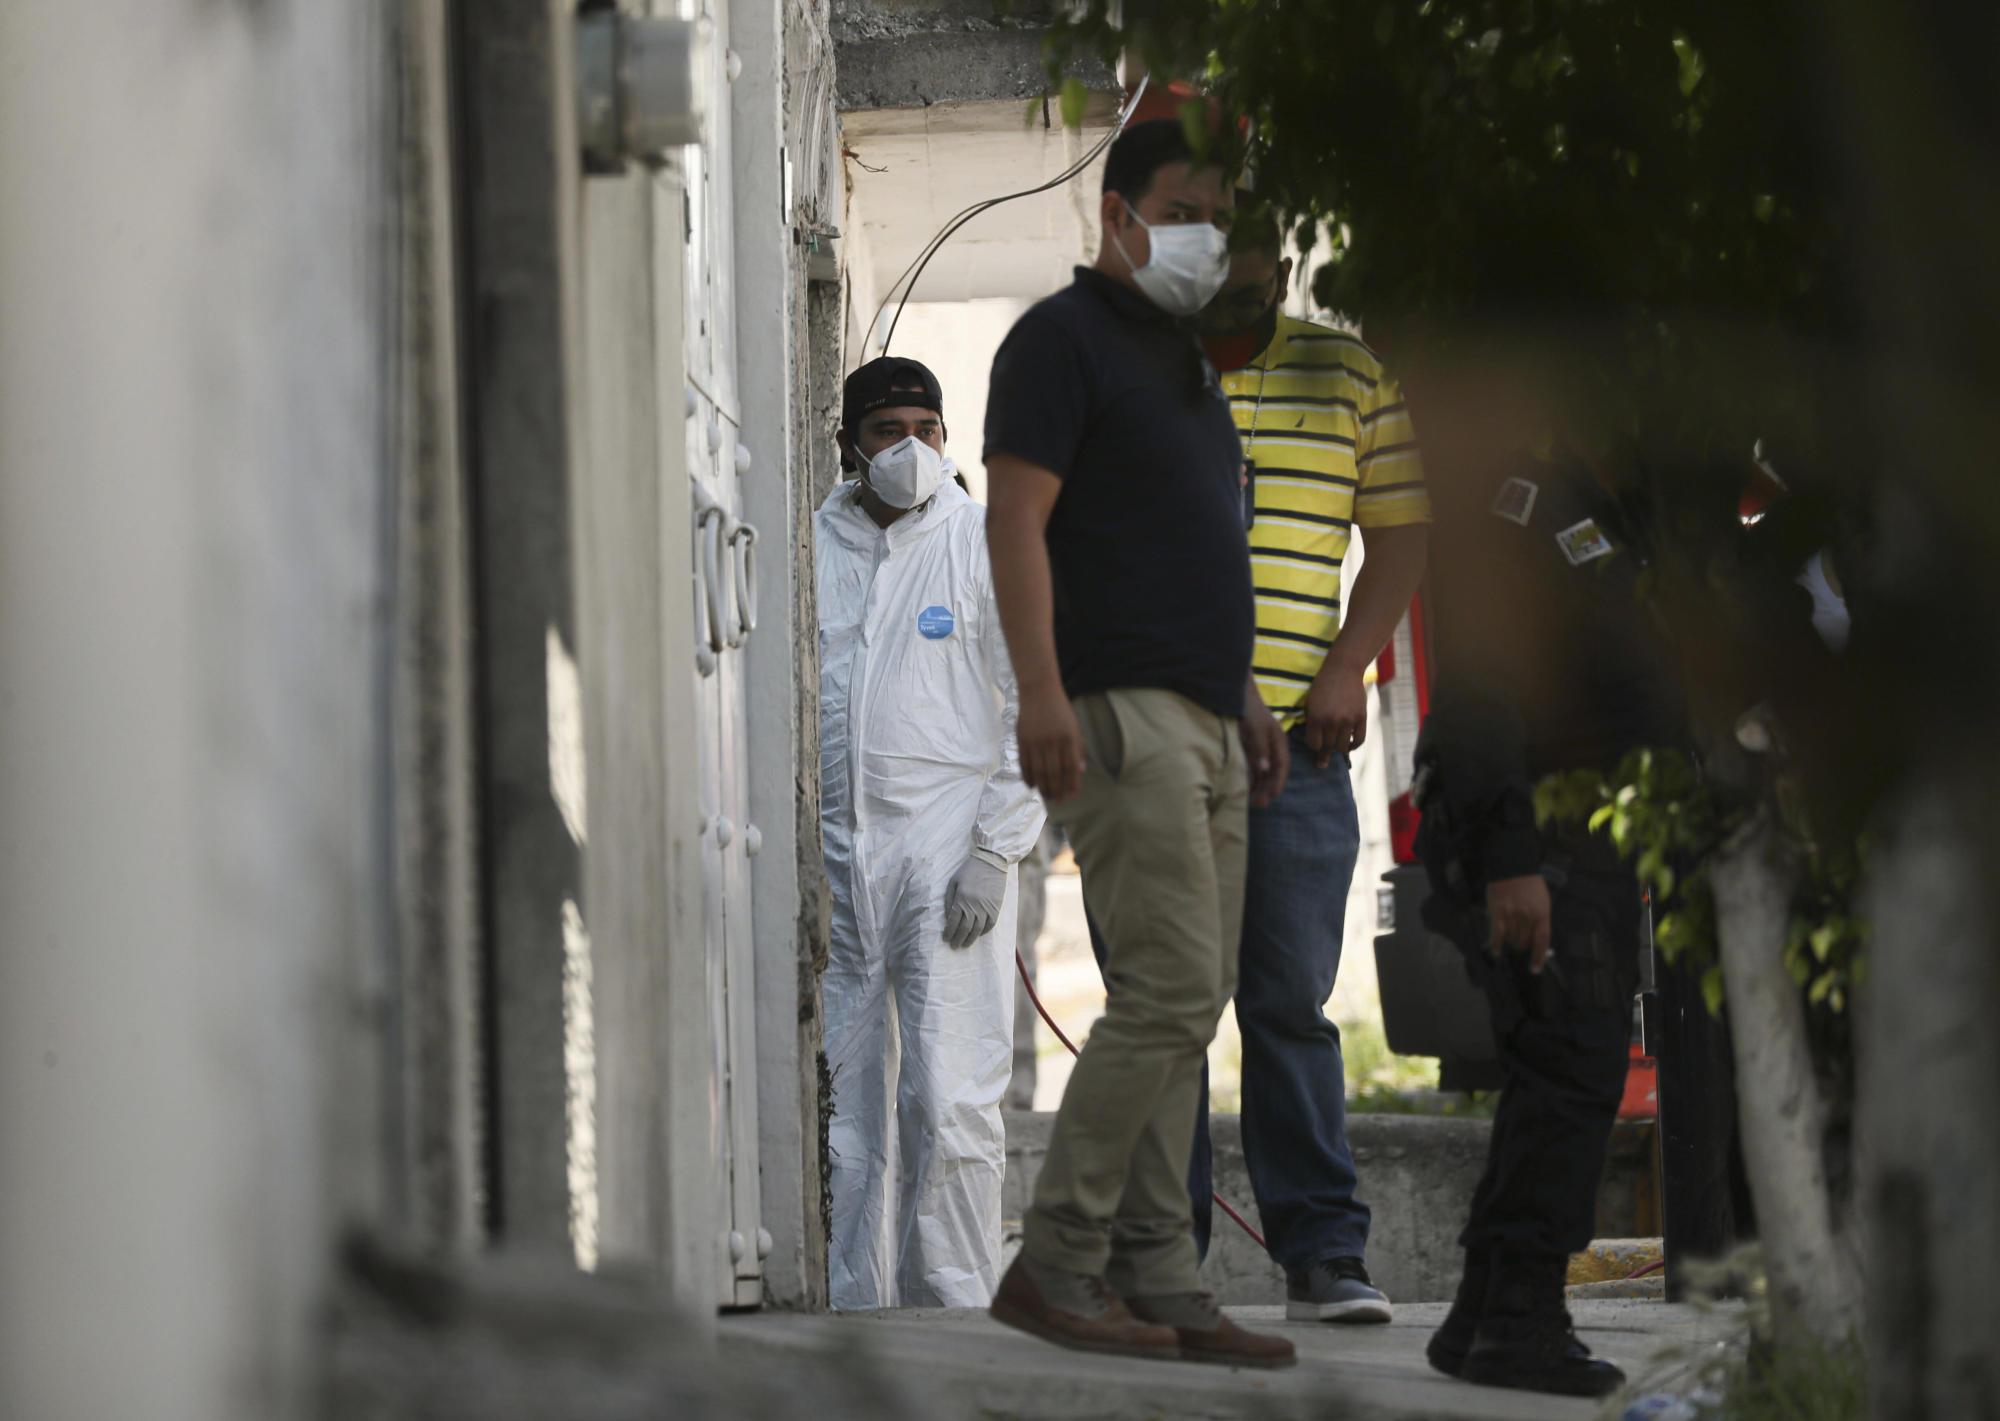 Le prove a casa di un serial killer in Messico parlano di 17 vittime